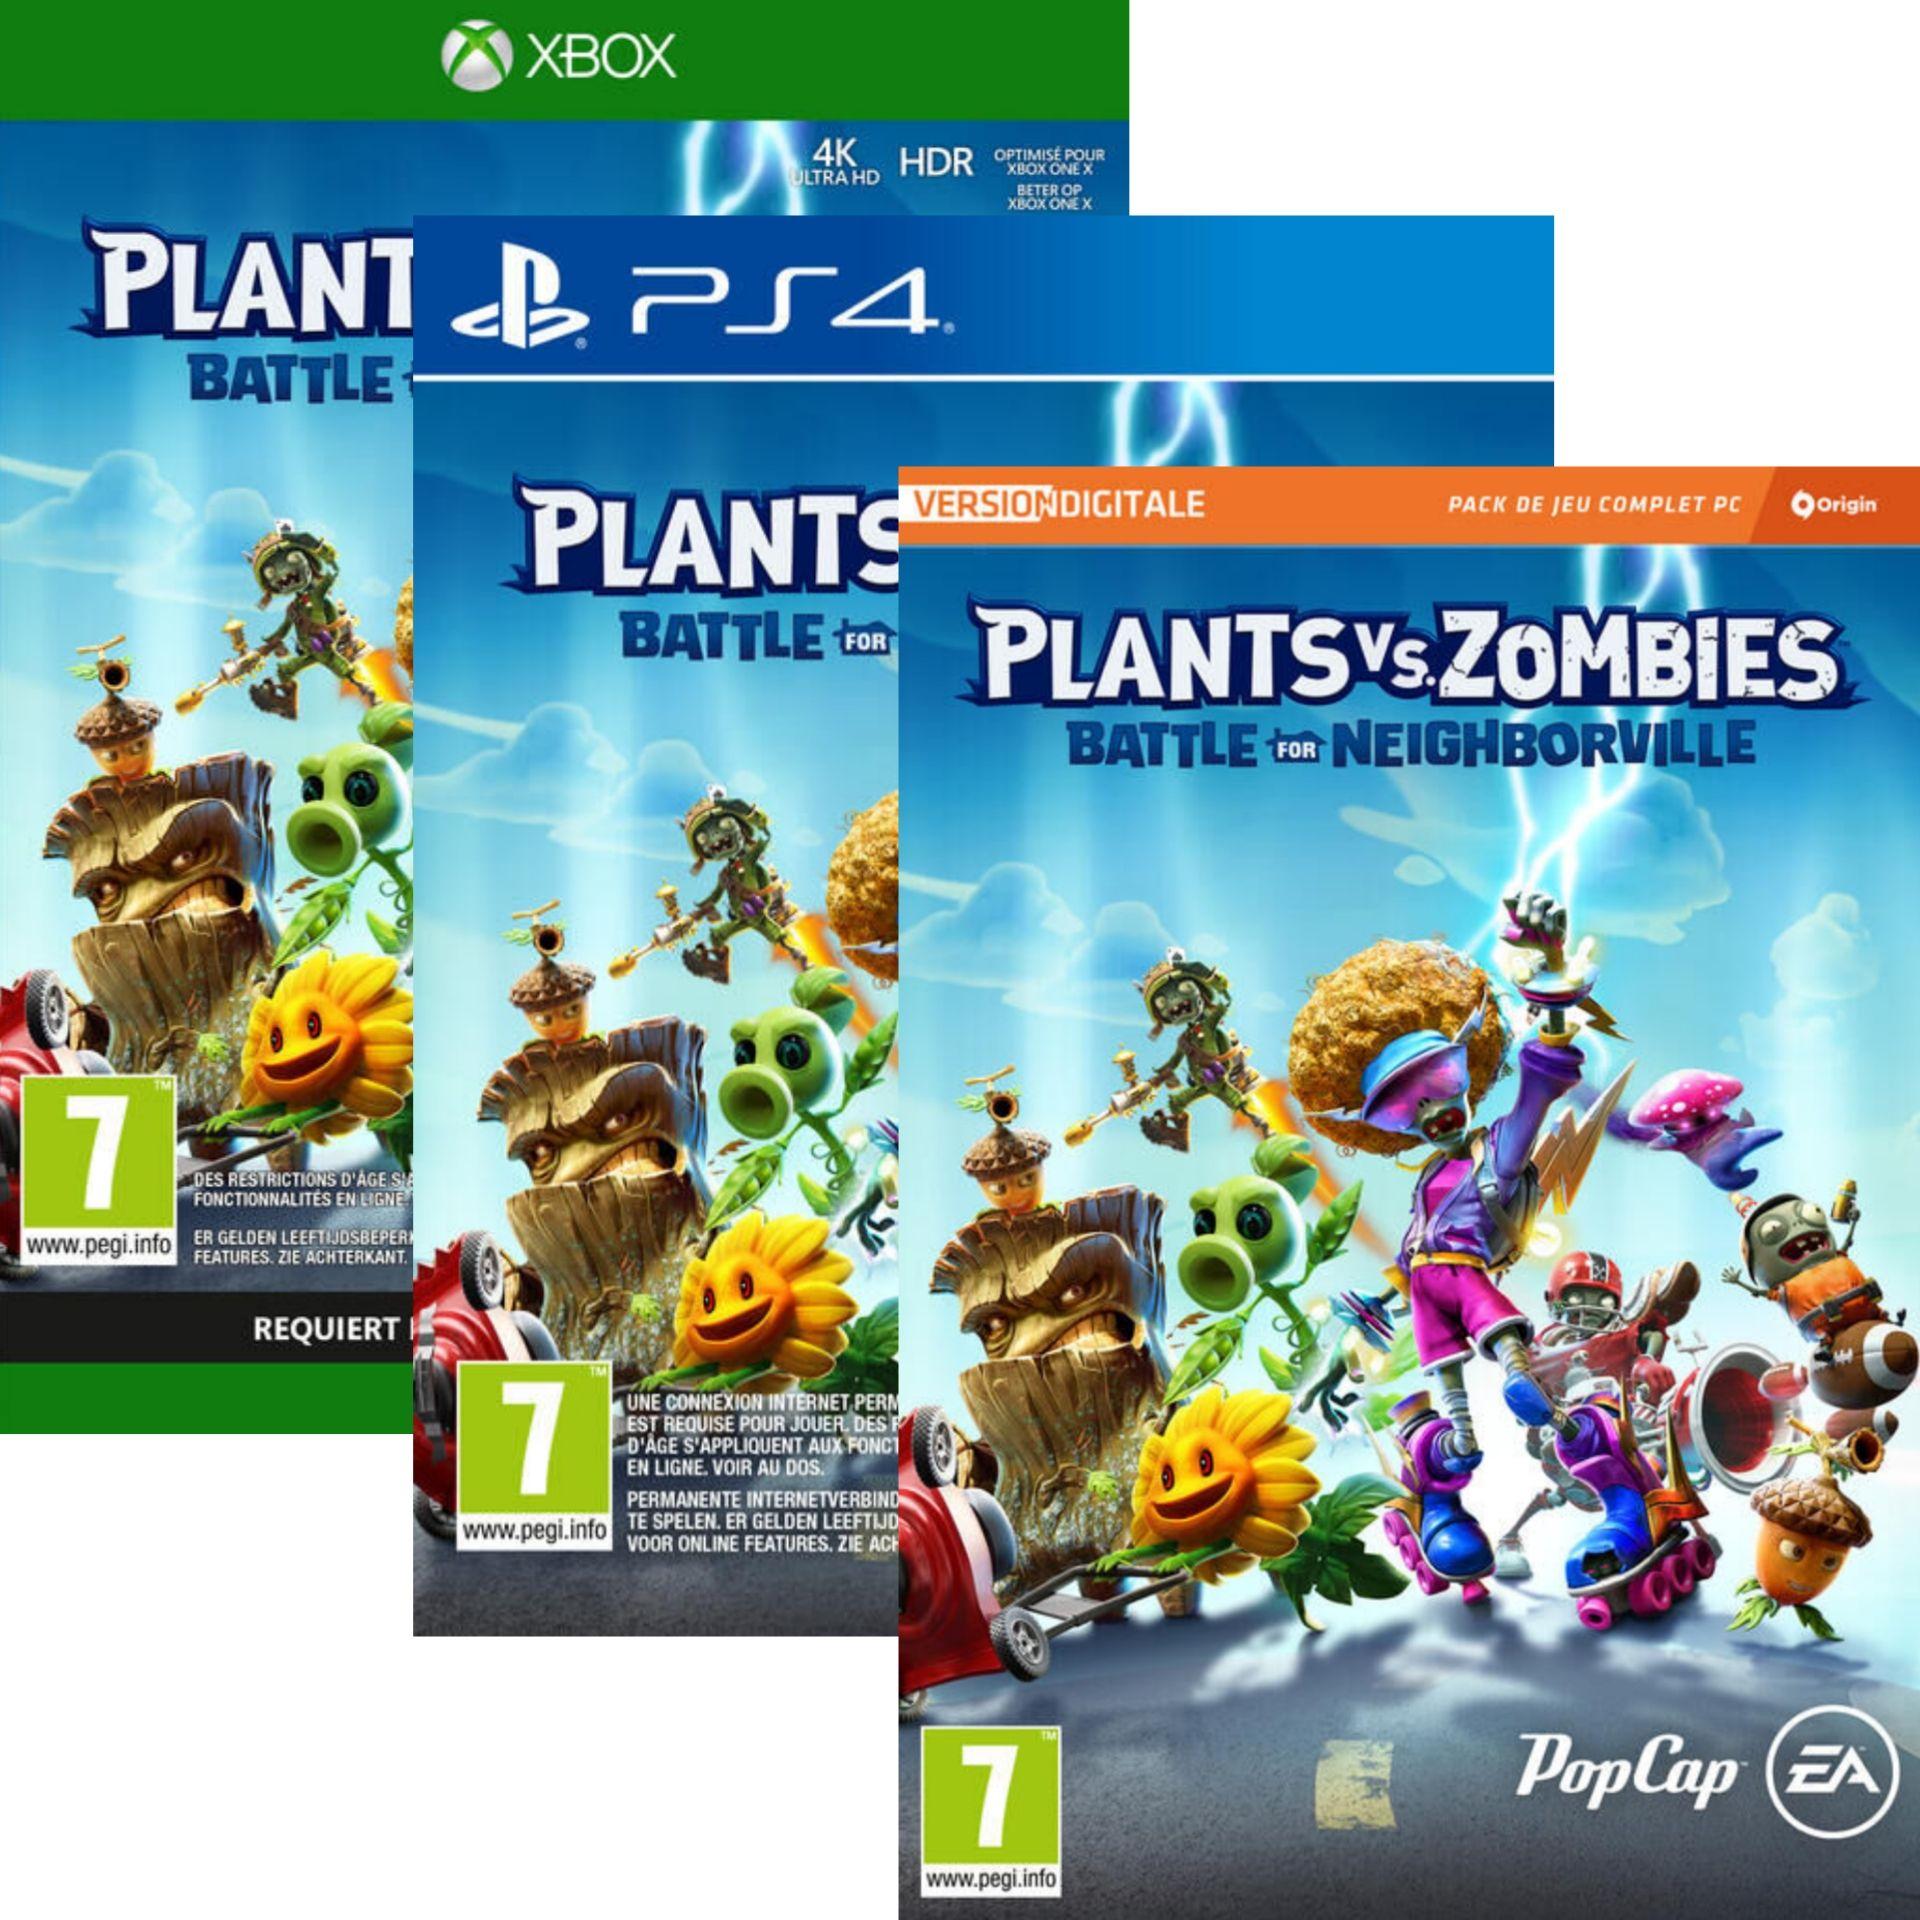 Plants Vs Zombies Battle For Neighborville sur PS4 ou Xbox One à 9,99€ ou 4,99€ sur PC